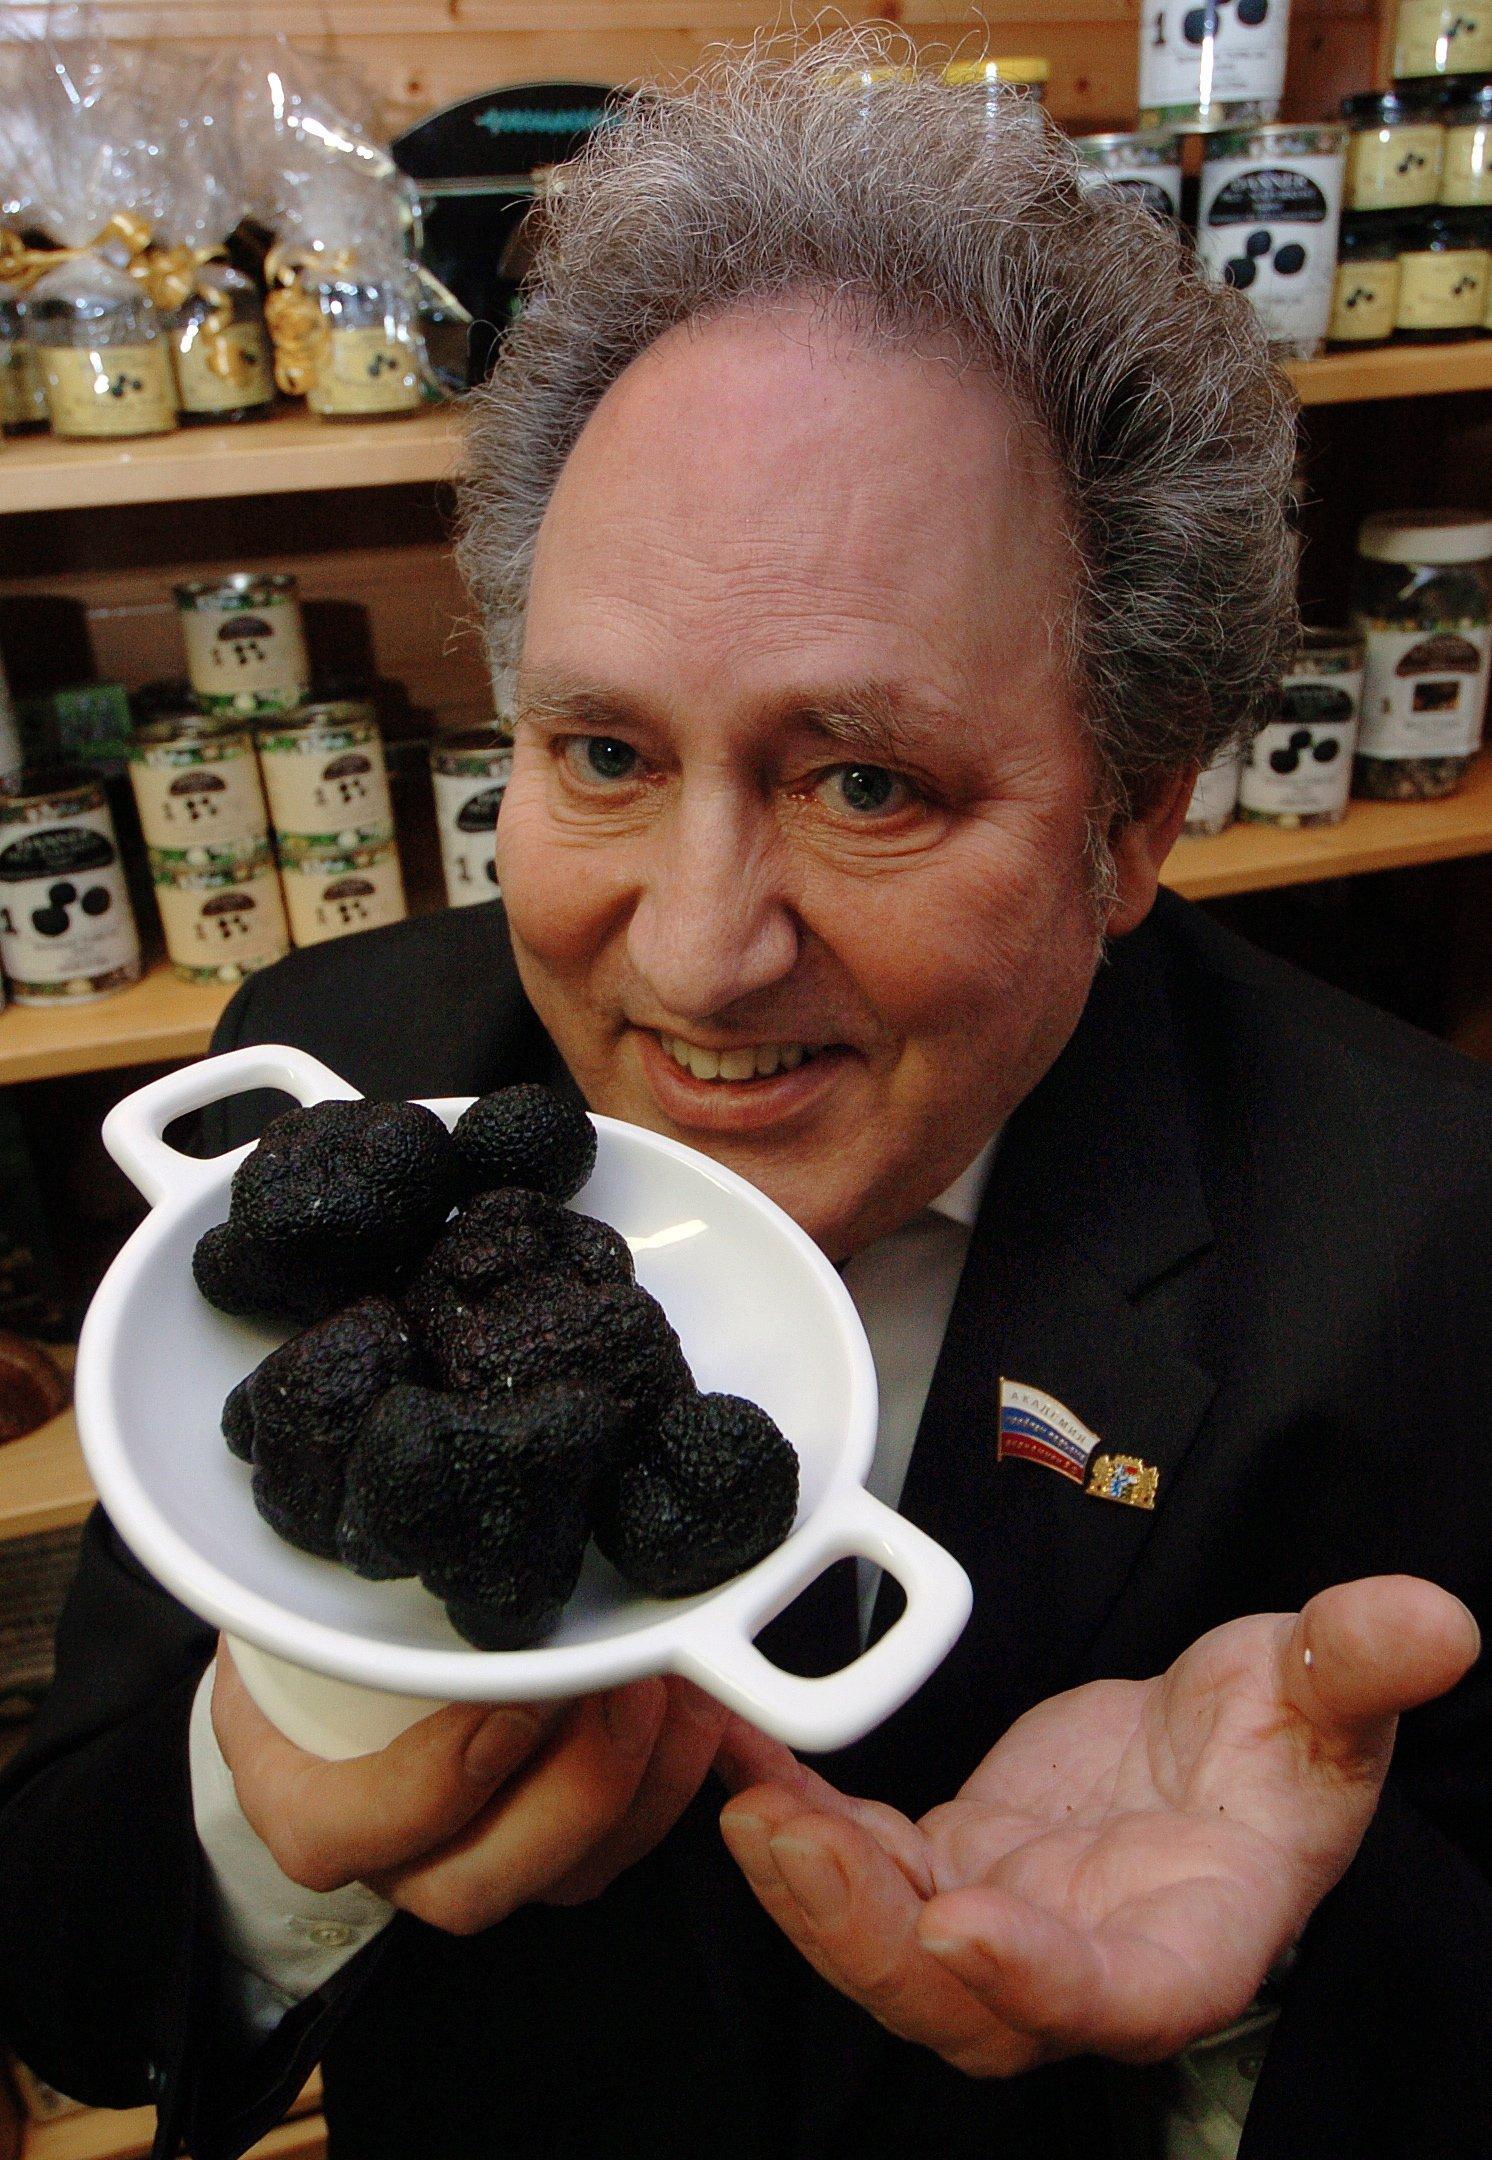 Auch schwarze Trüffel gehören zu den Stars der Edelpilze: Der schwarze Trüffel aus dem südfranzösischen Périgord kostet rund 2000 Euro pro Kilo.